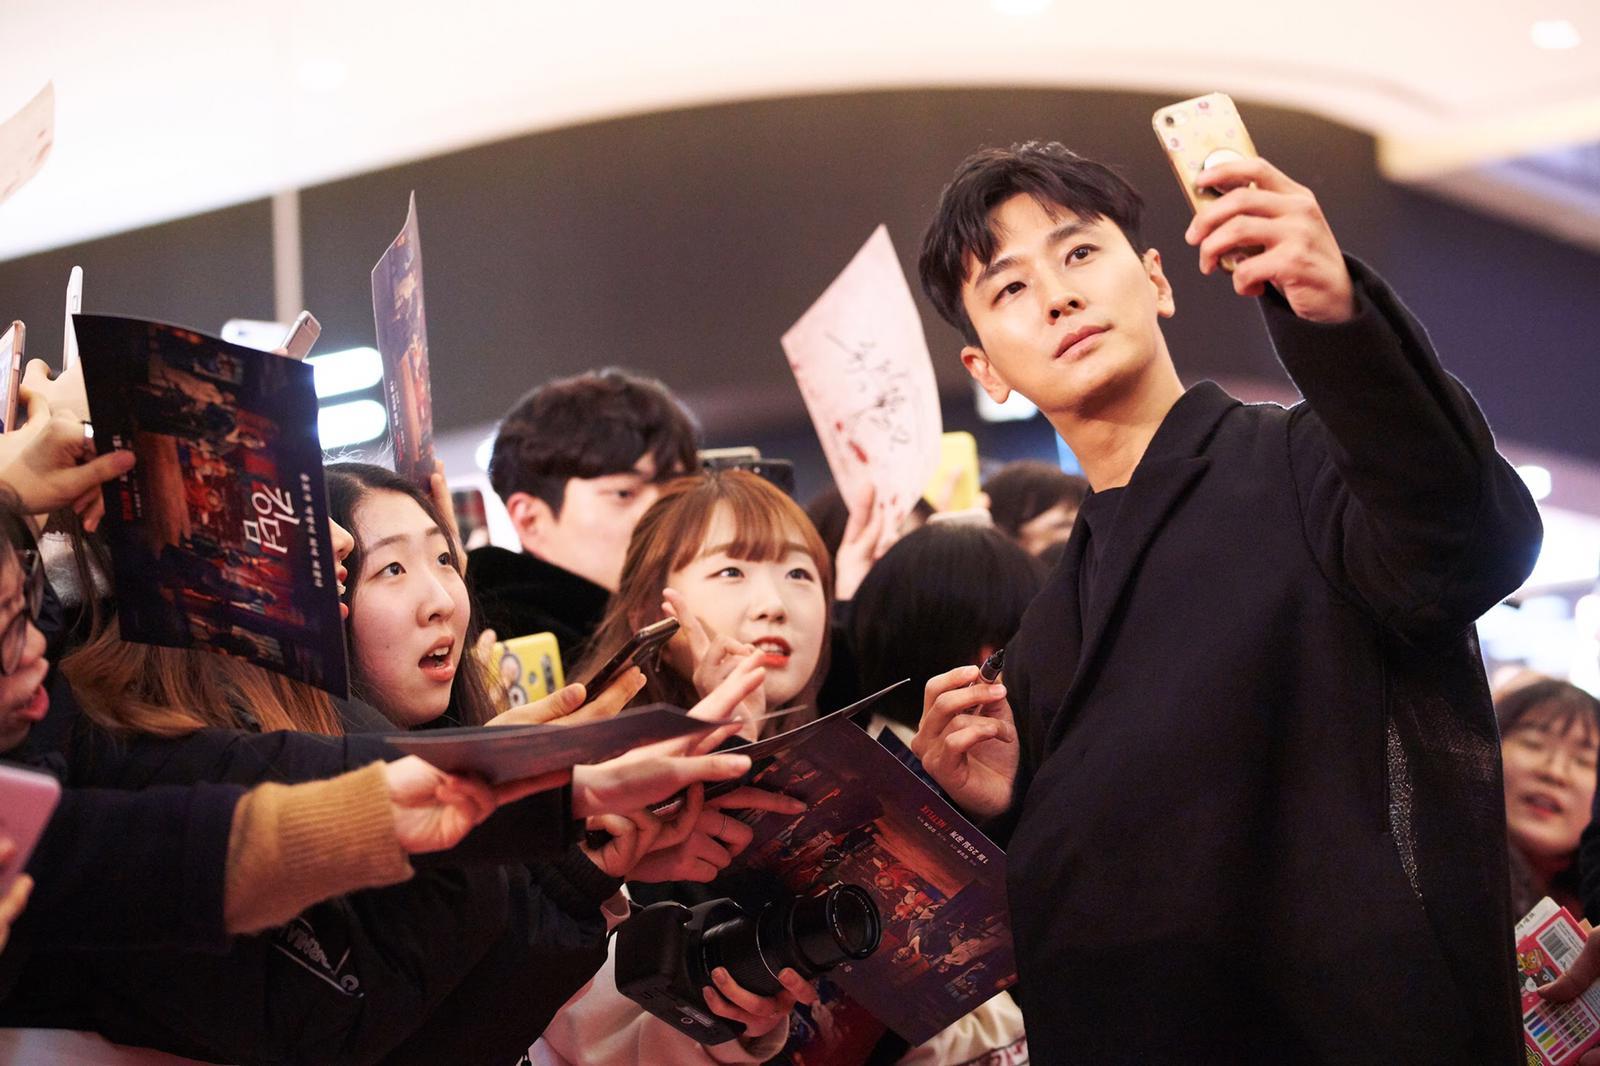 在場大部分粉絲都是朱智勛fans。